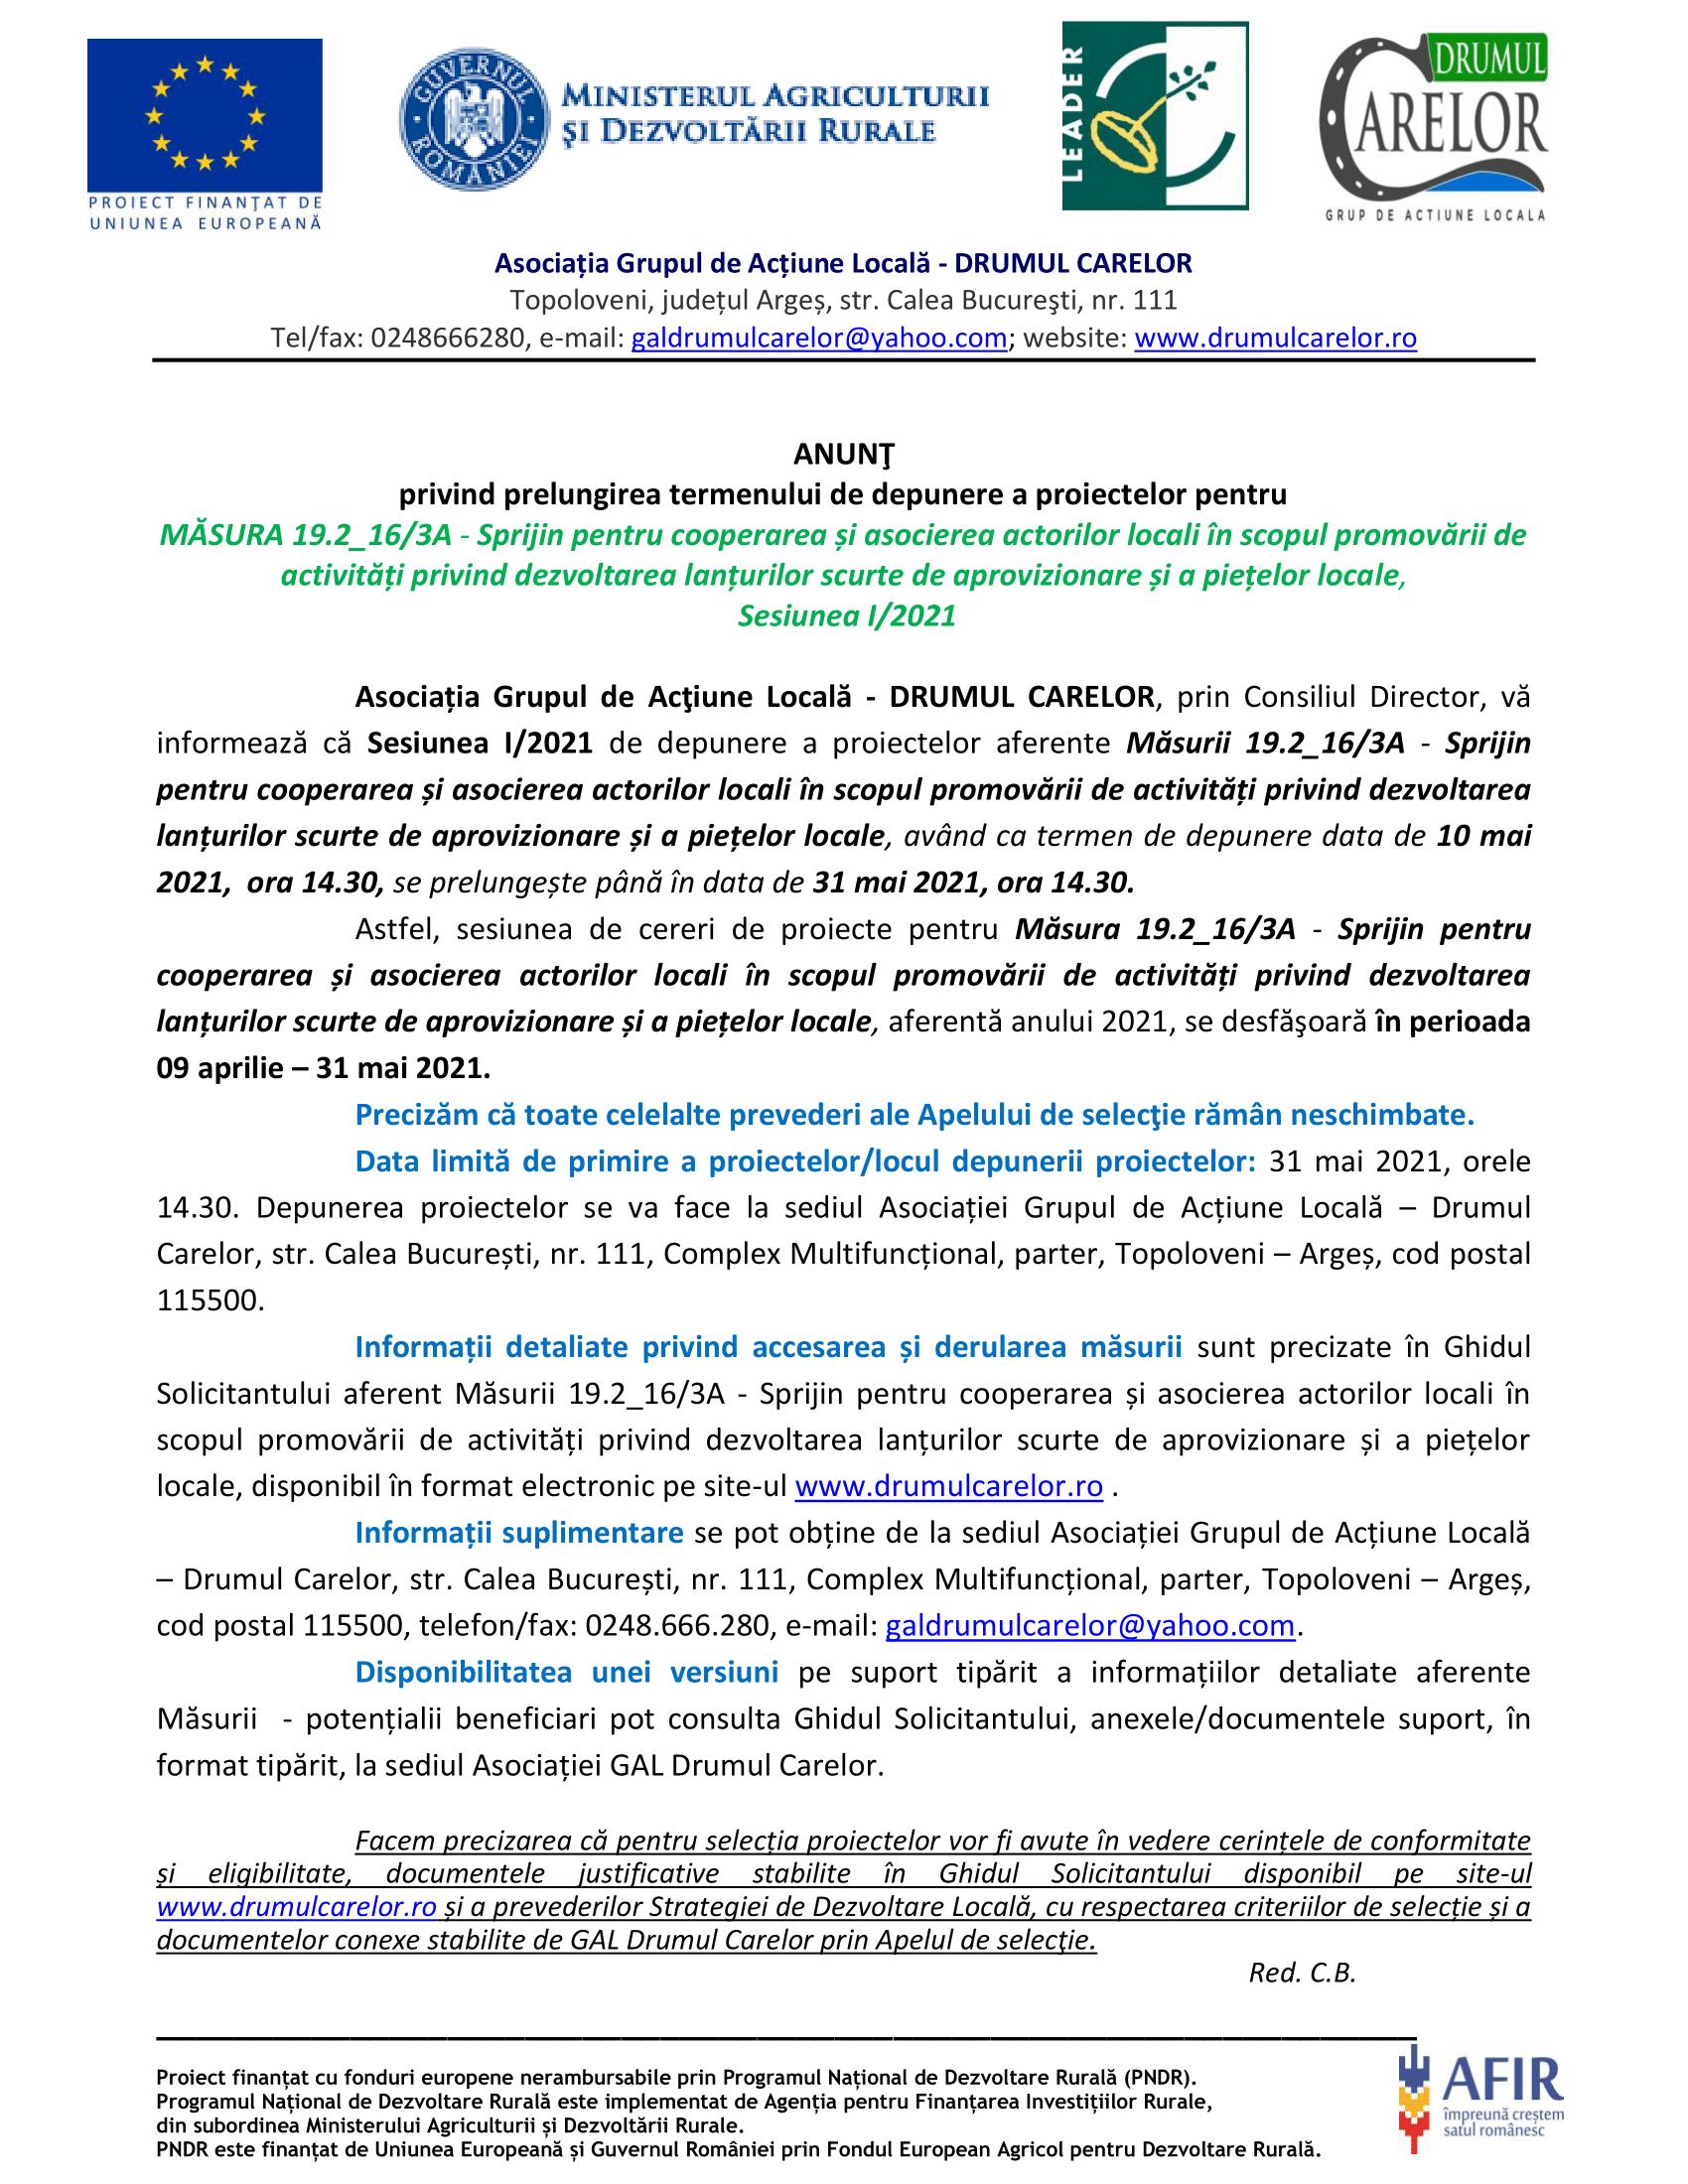 Anunţ_prelungire_M_19.2_16_2021-1